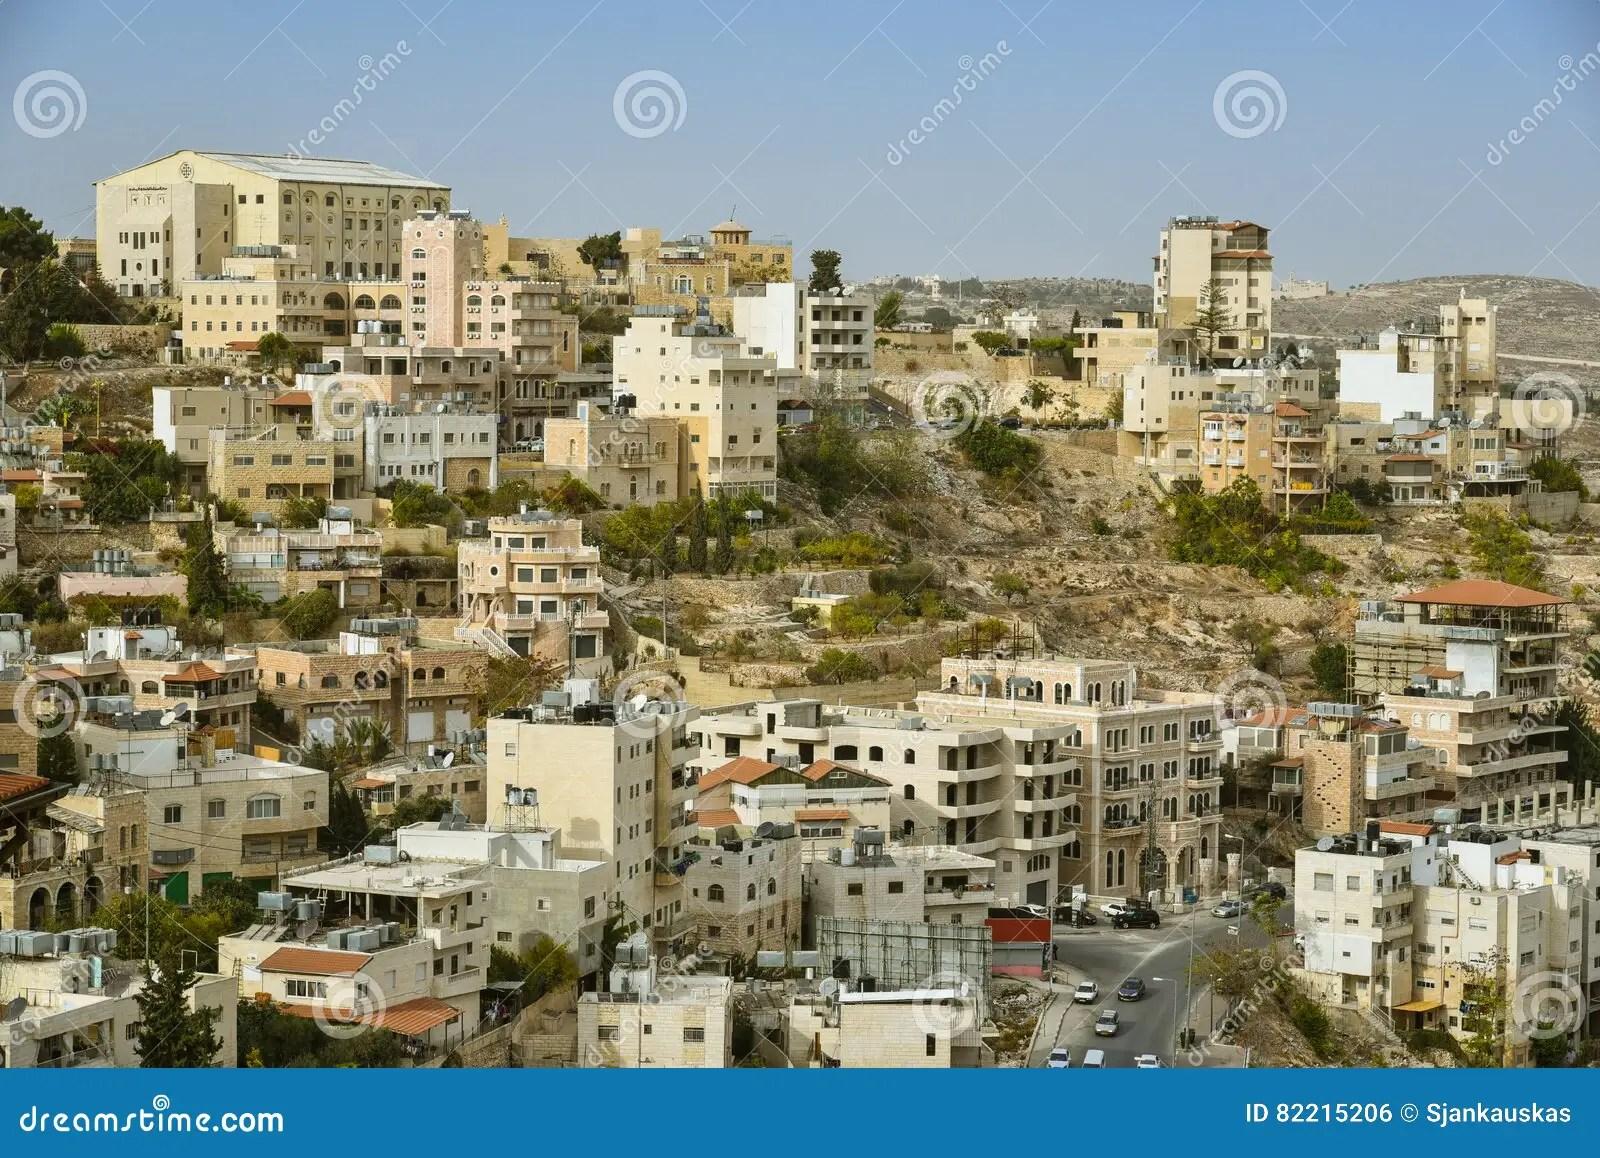 Paesaggio Urbano Di Betlemme Palestina Fotografia Stock  Immagine di jesus citt 82215206